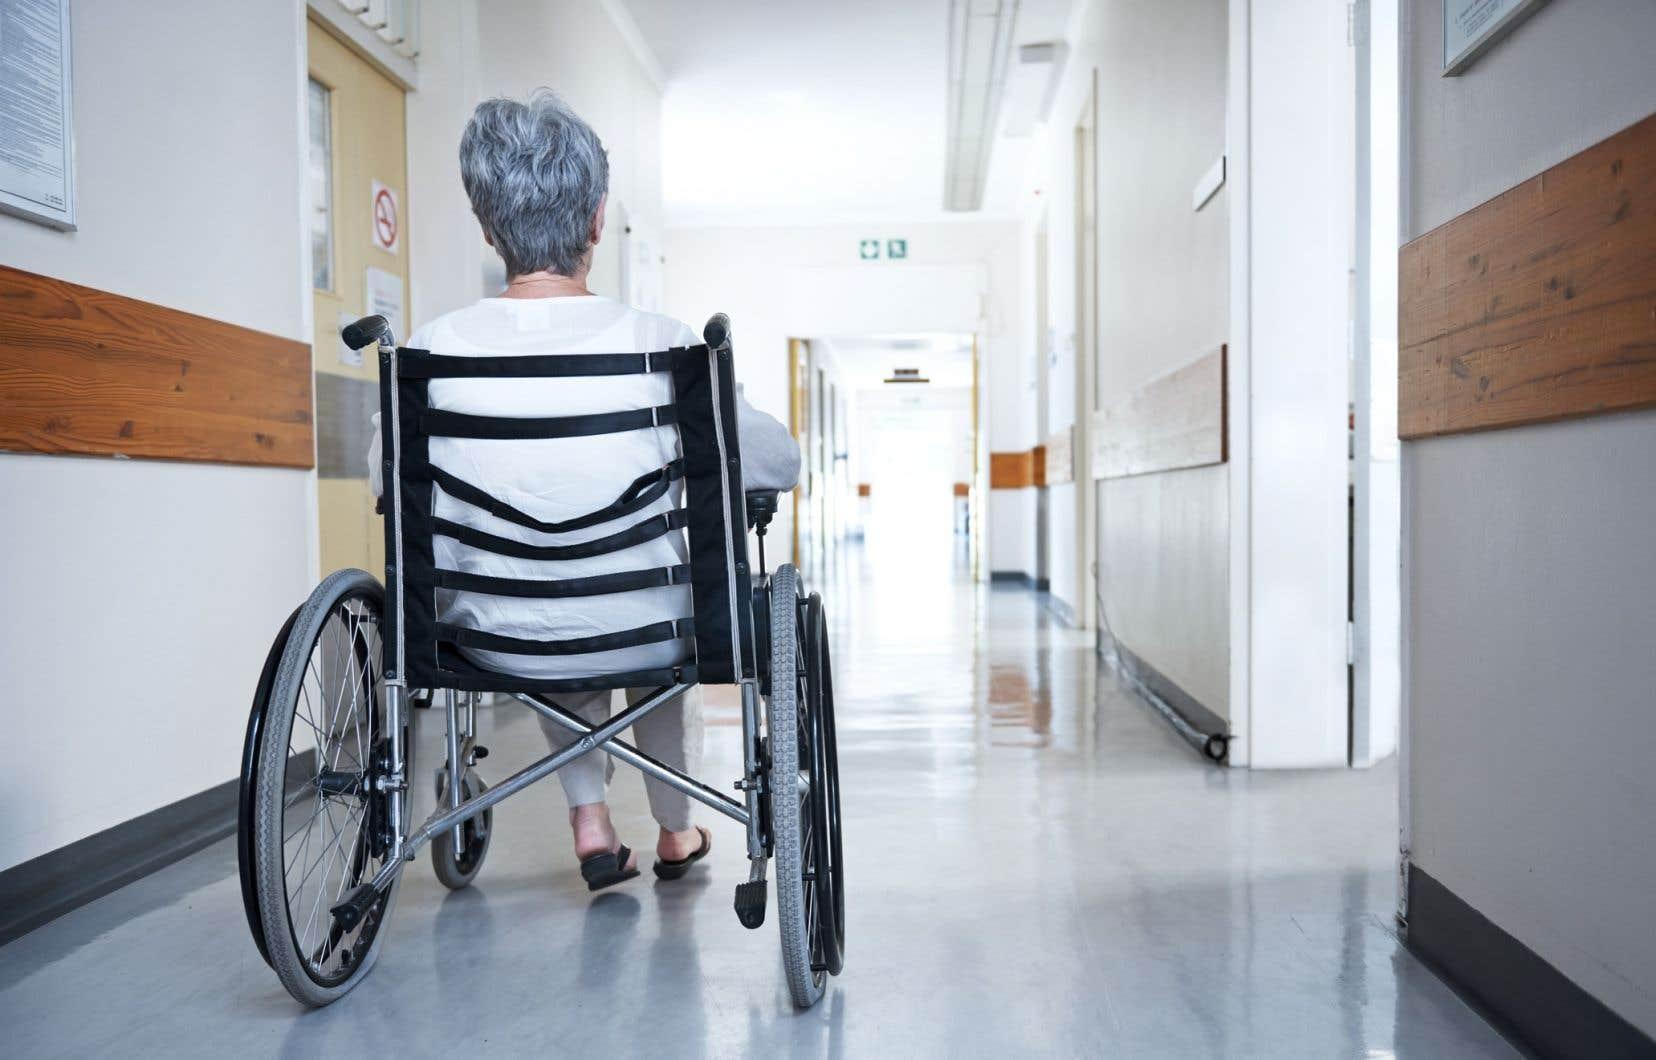 Les personnes âgées en santé pourront être accueillies dans leur famille alors que des centaines d'établissements pour aînés au Québec comptent au moins un cas de coronavirus.